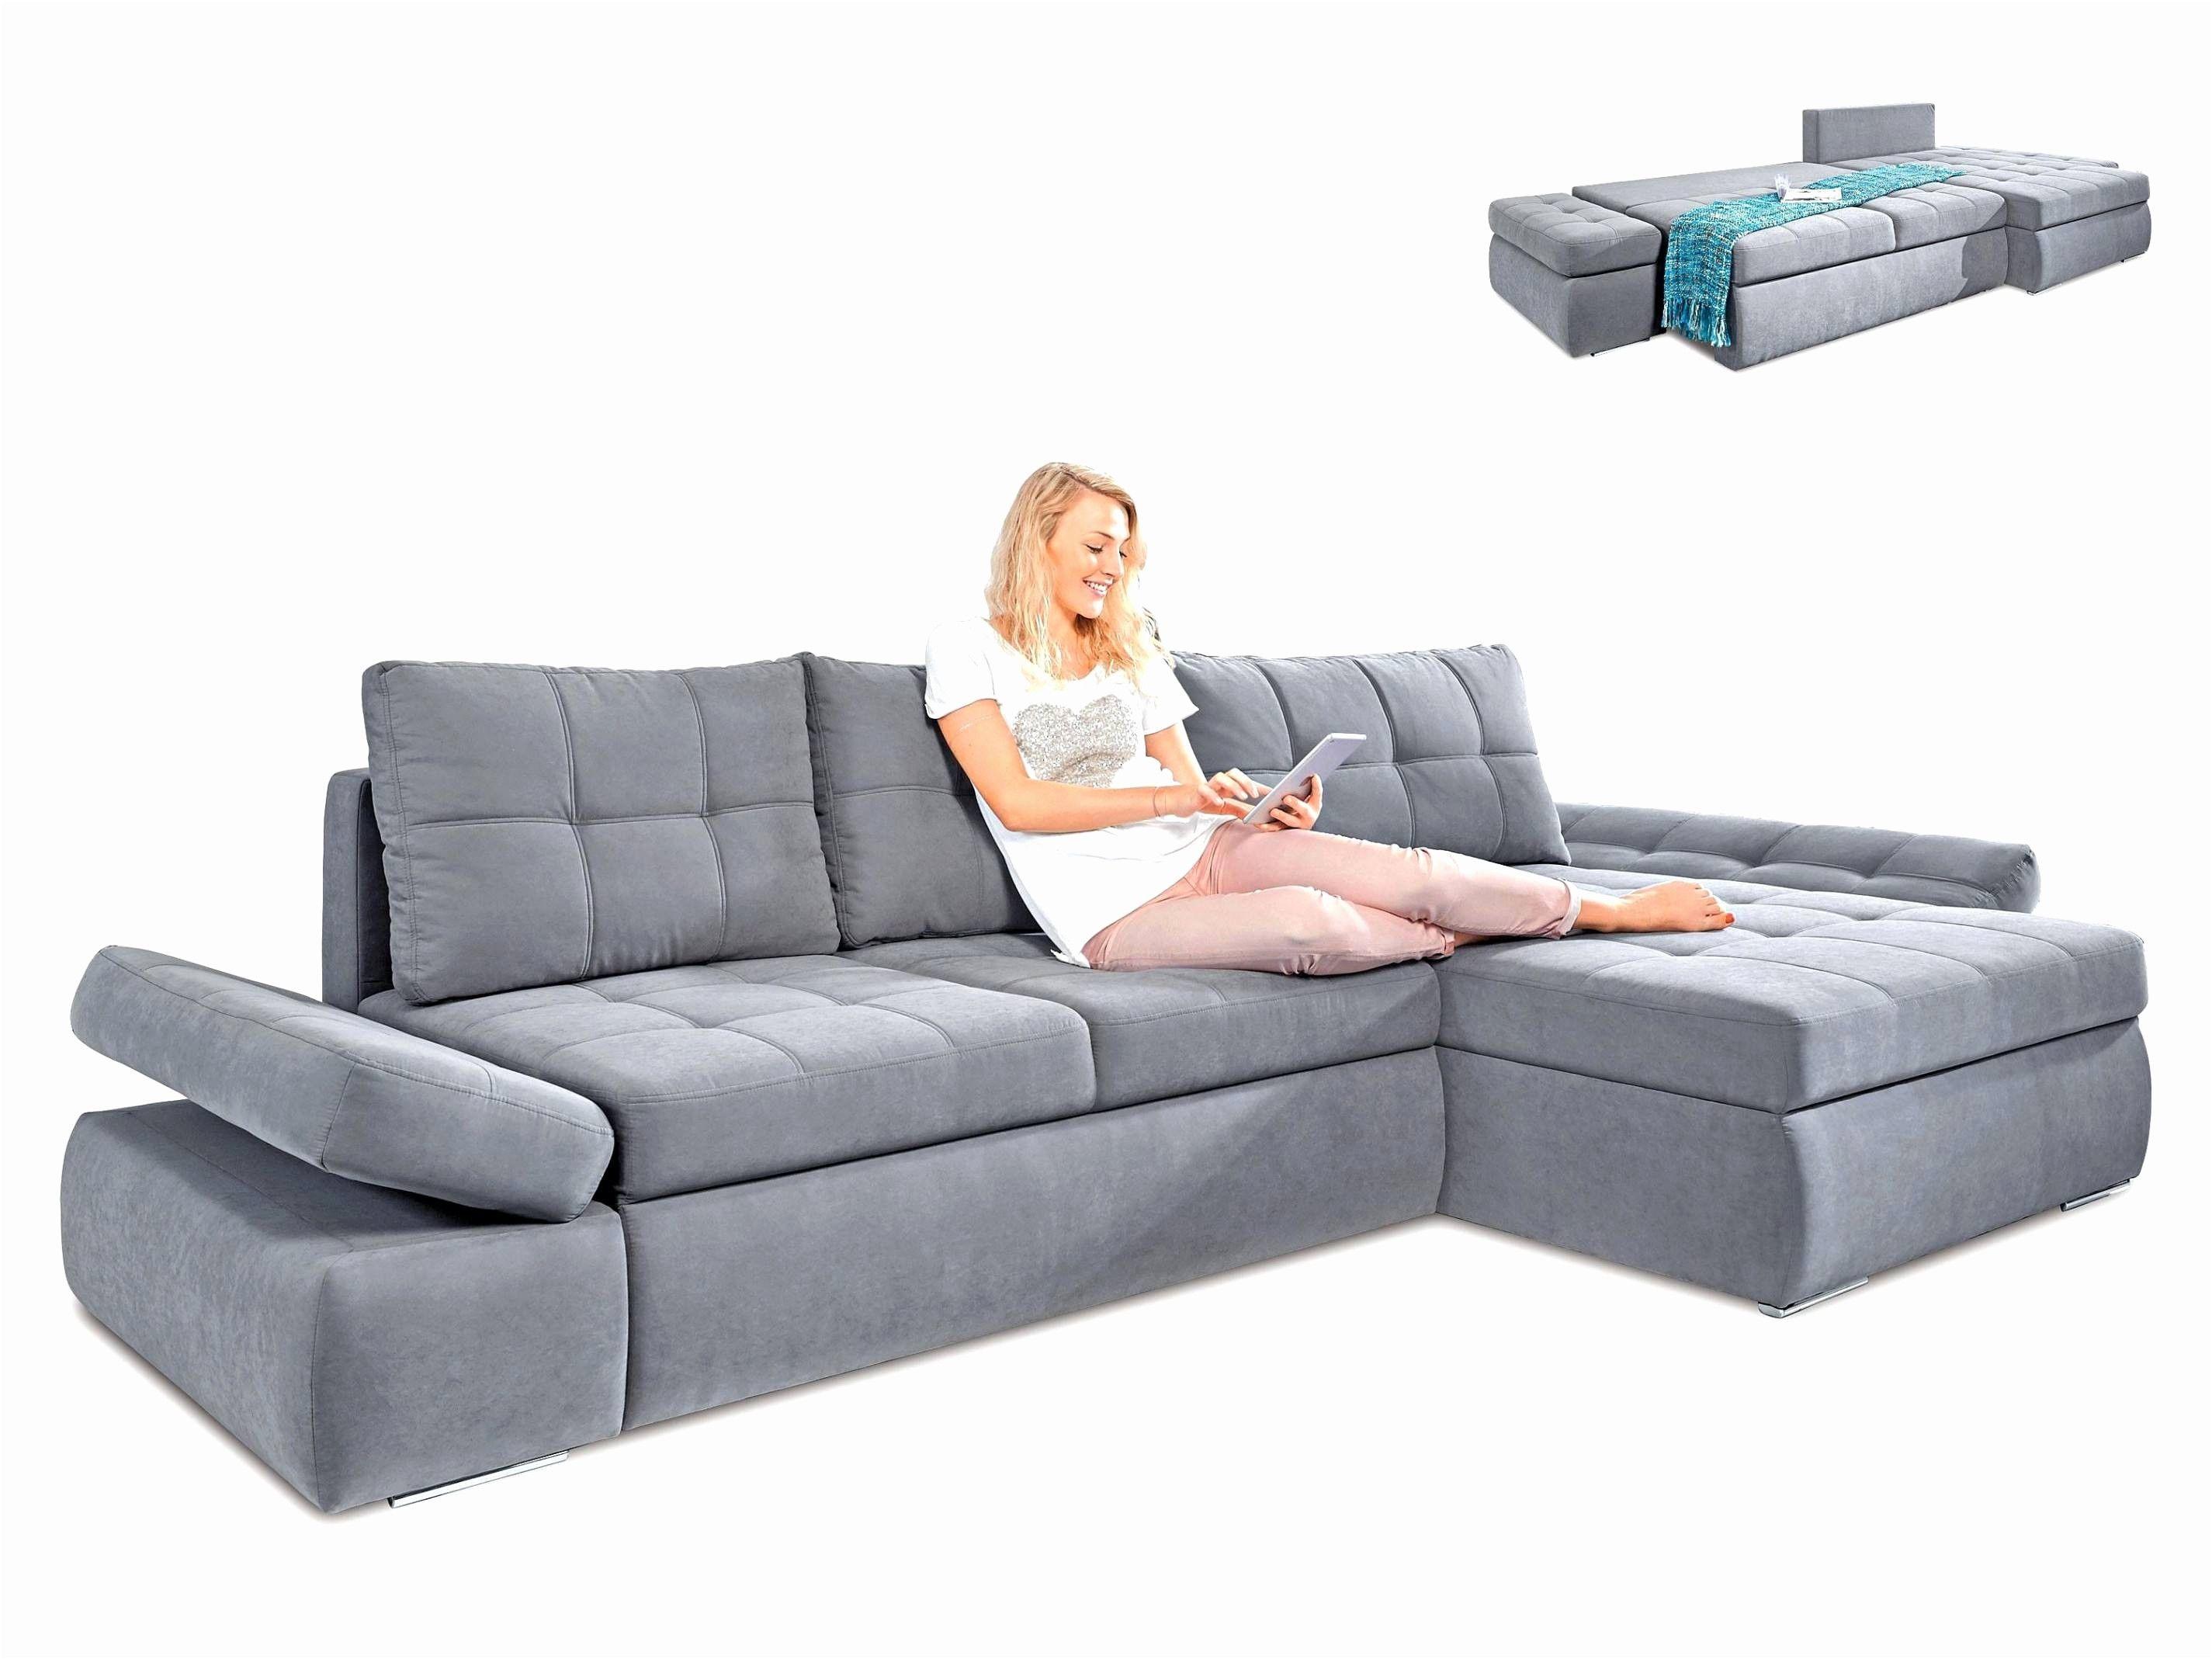 Erstaunlich Xxl Ecksofa Mit Schlaffunktion Classic Sofa Diy Sofa Couch